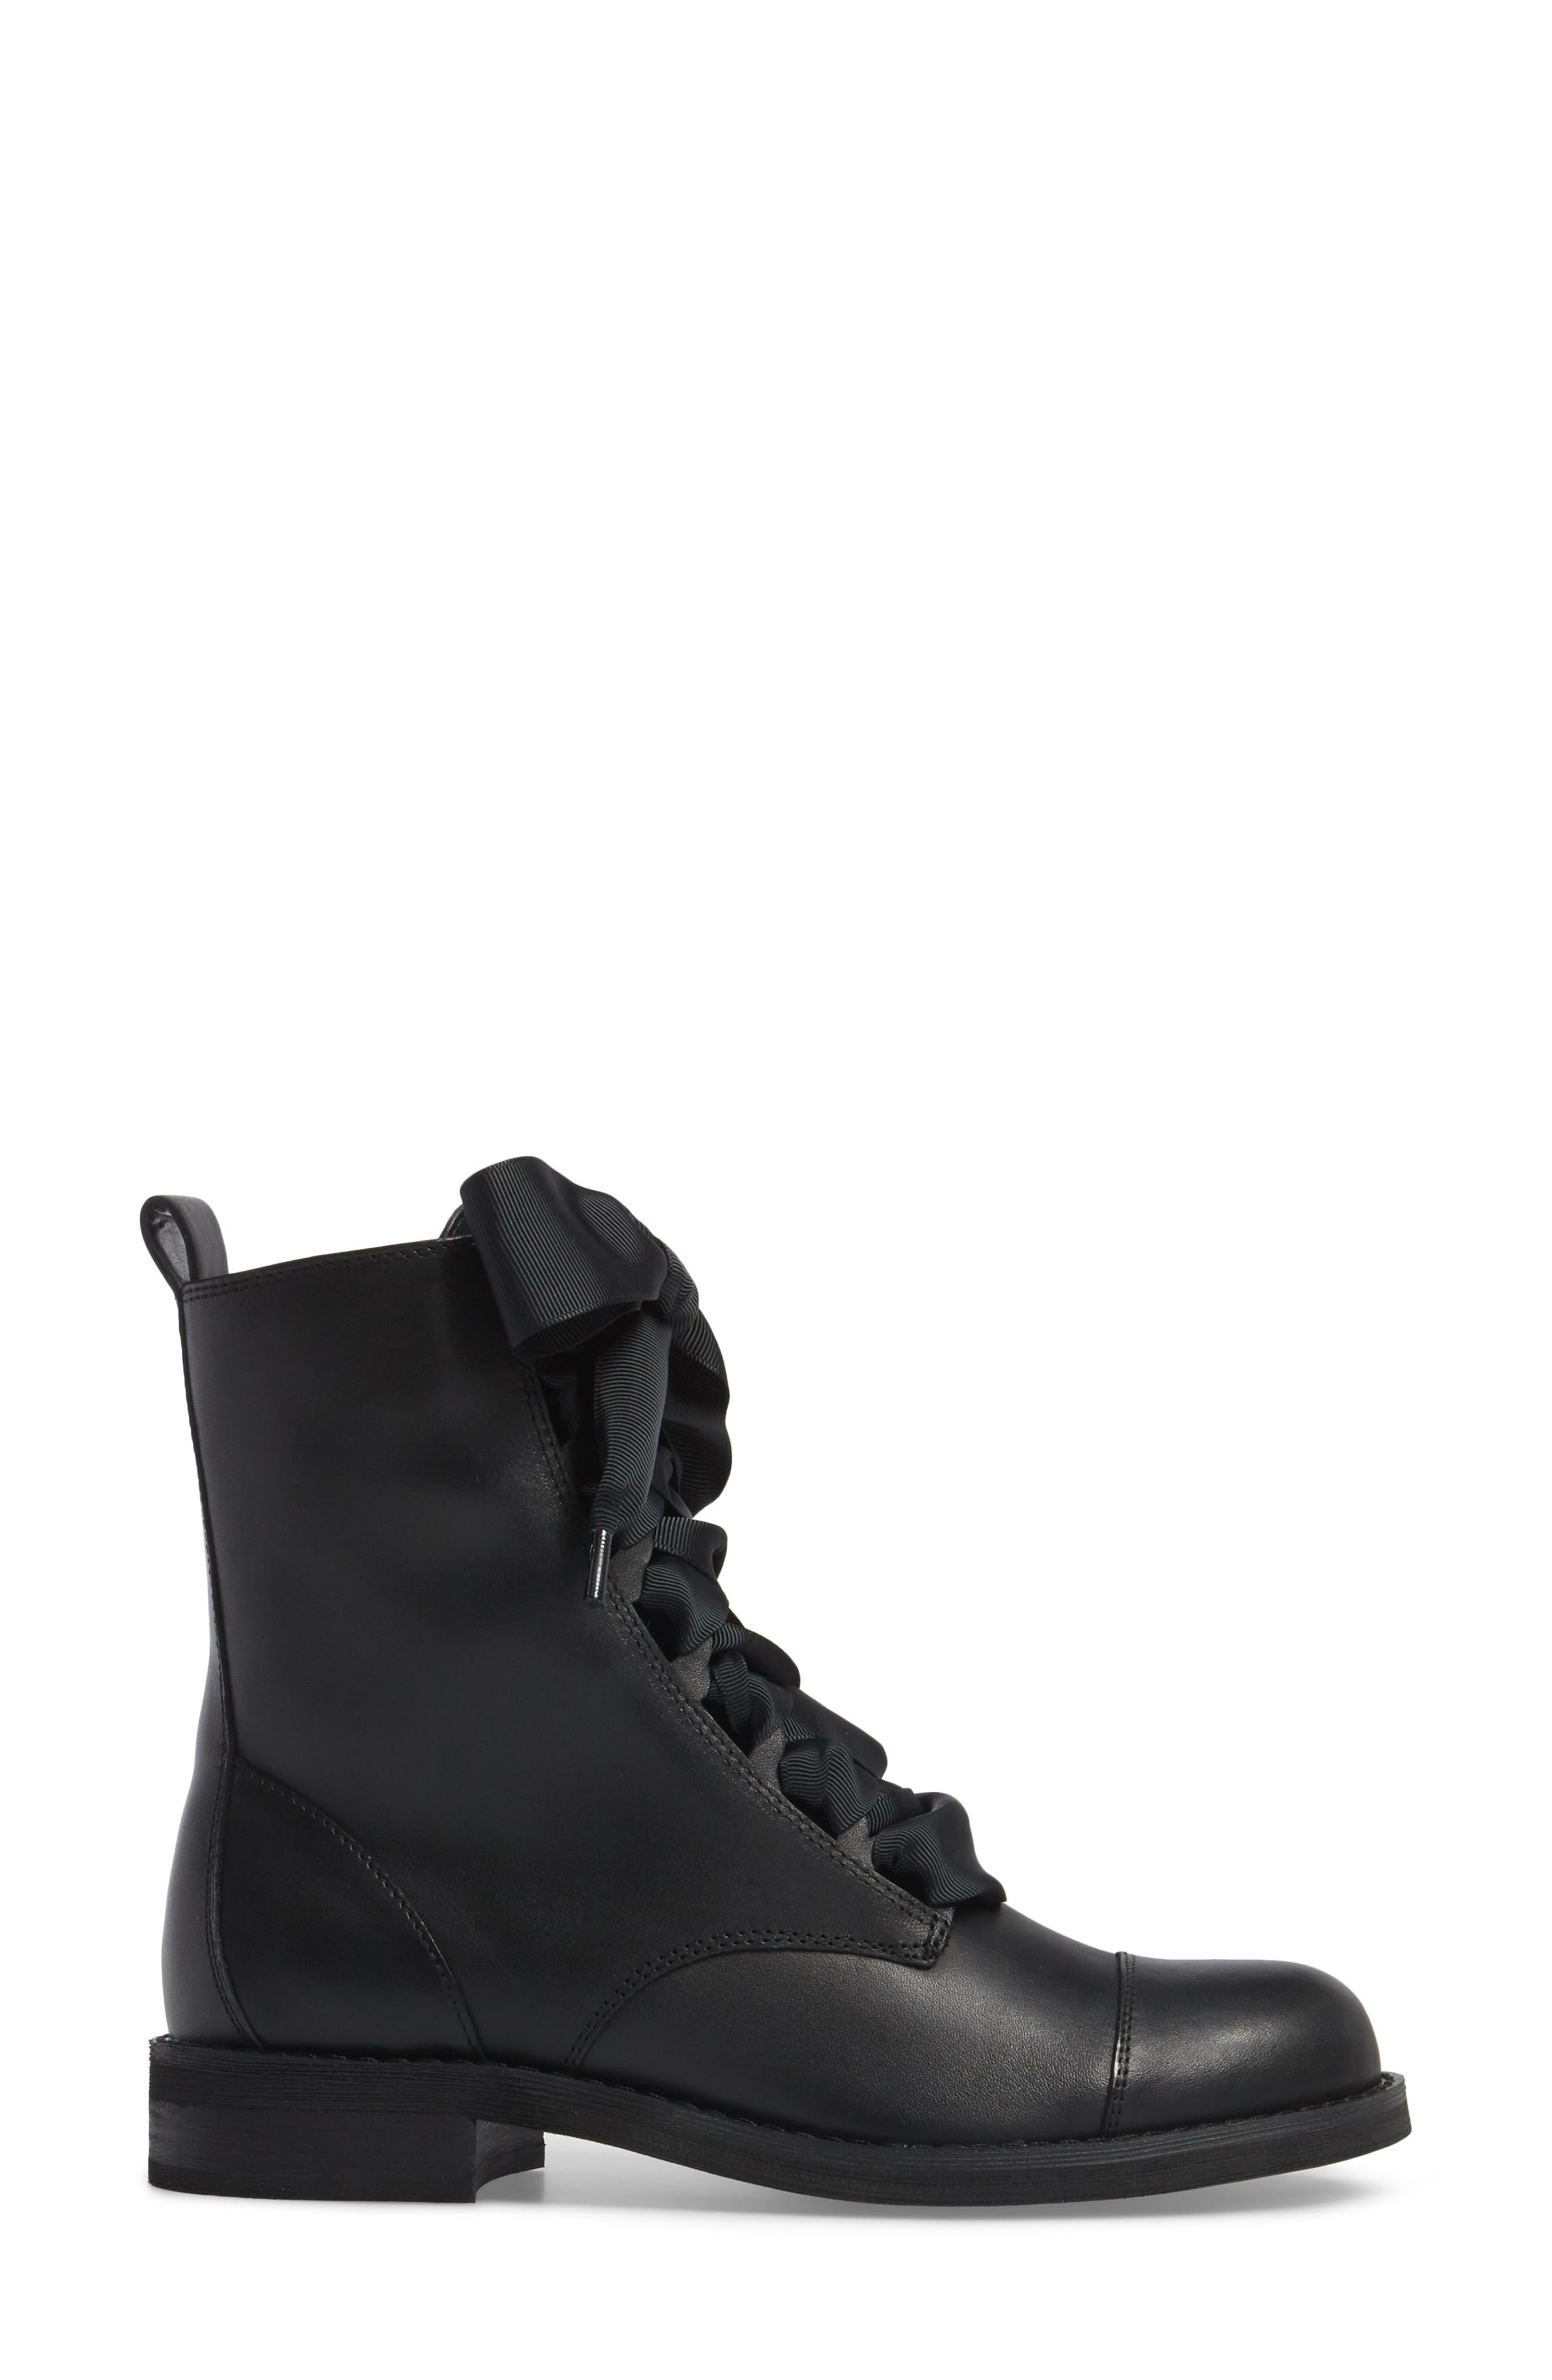 Lex Lace-Up Combat Boot,                             Alternate thumbnail 4, color,                             Black Leather